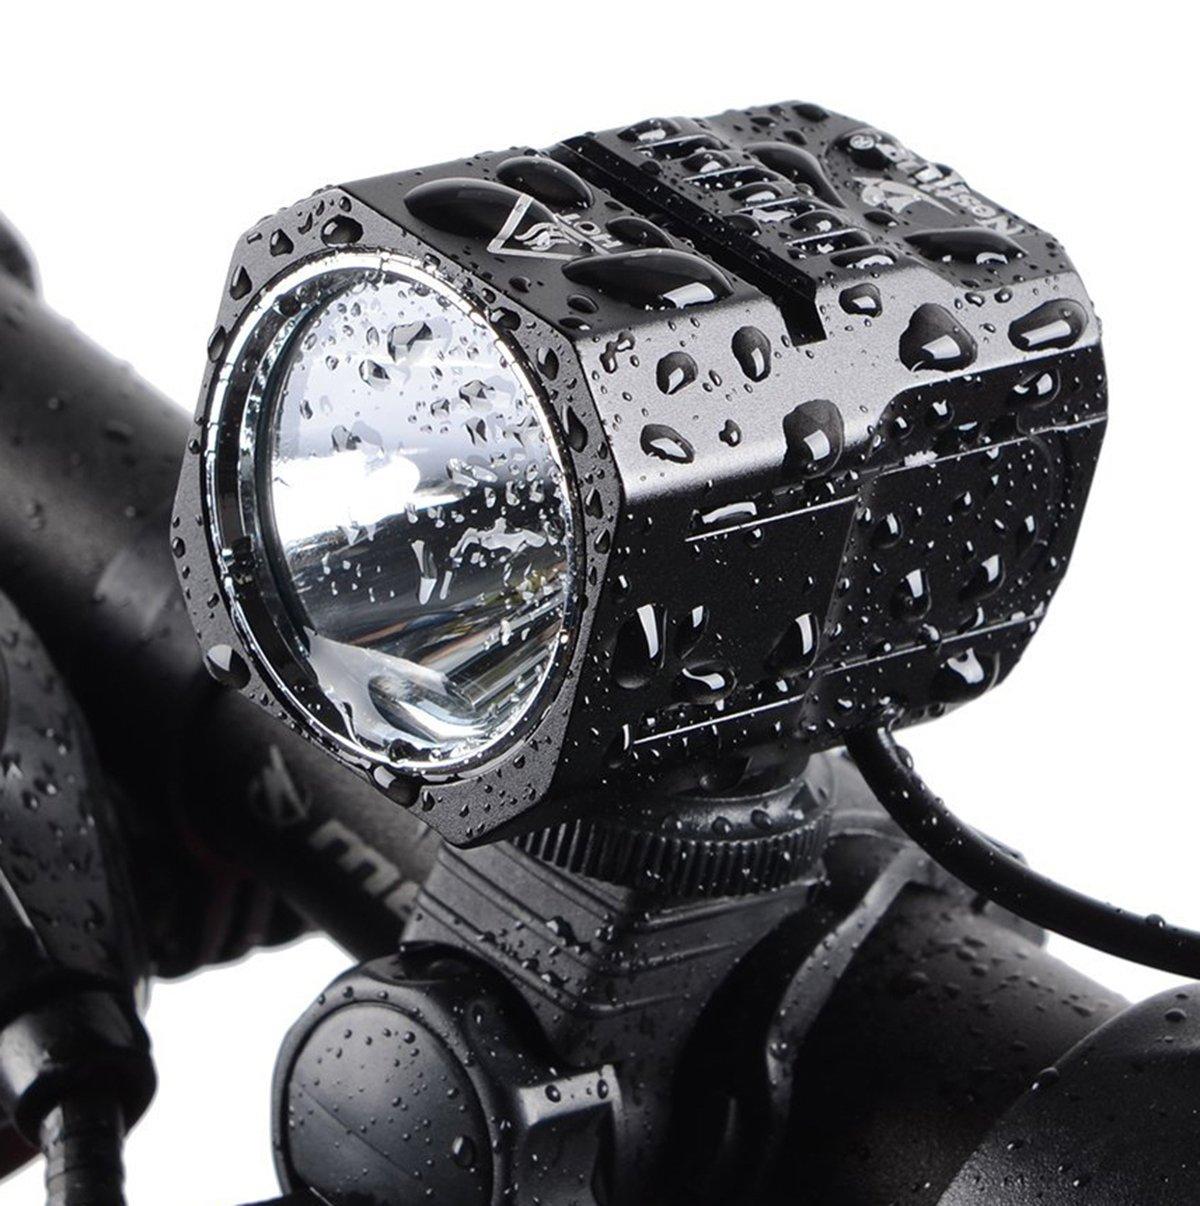 Nestling Usb Rechargeable Led Bike Light Set  1200 Lumen